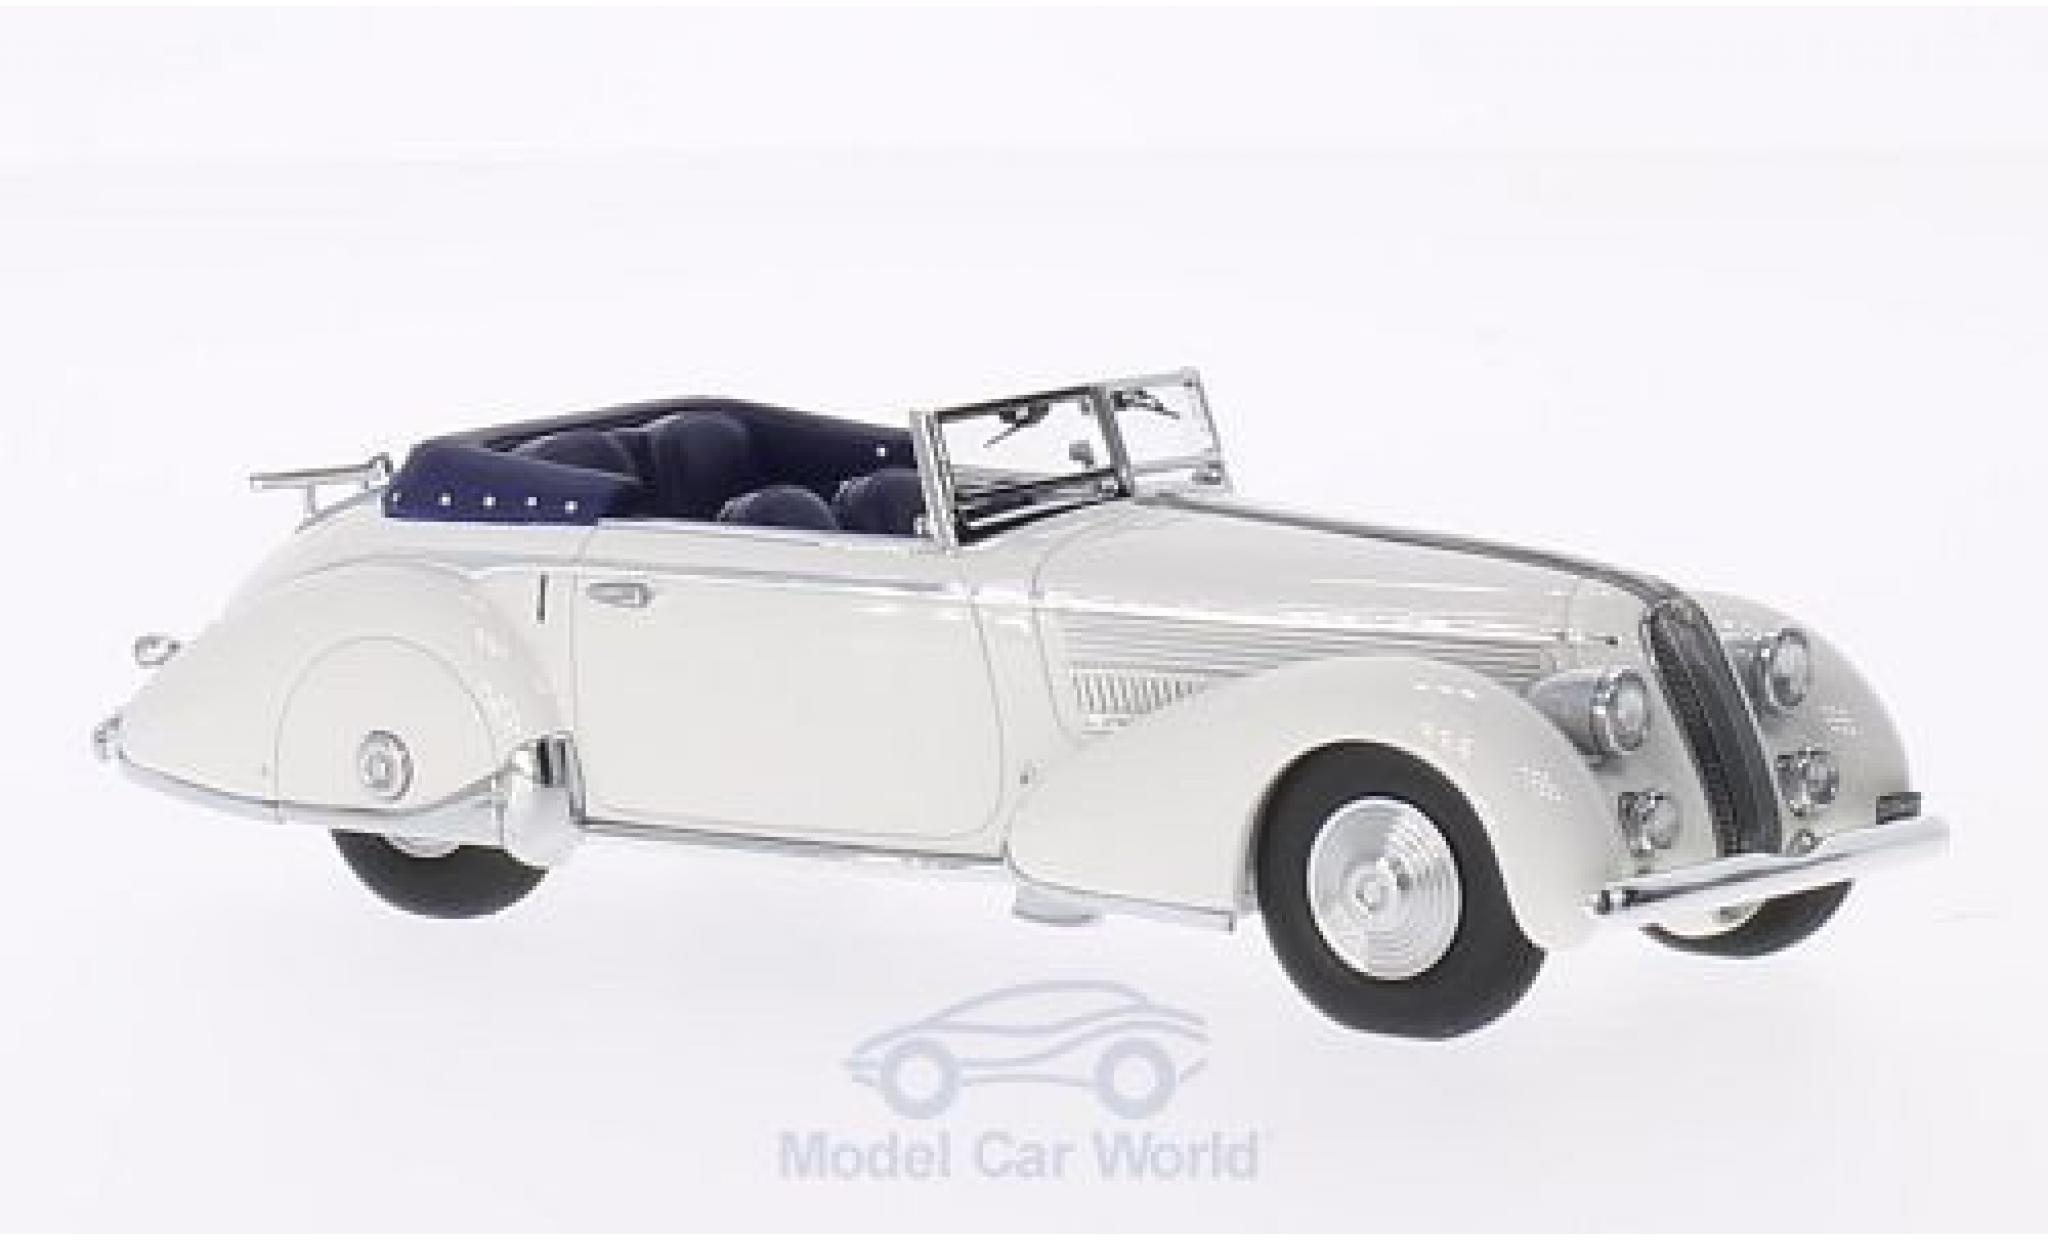 Lancia Astura 1/43 Minichamps Tipo 233 Corto blanche 1936 Fist Class Collection